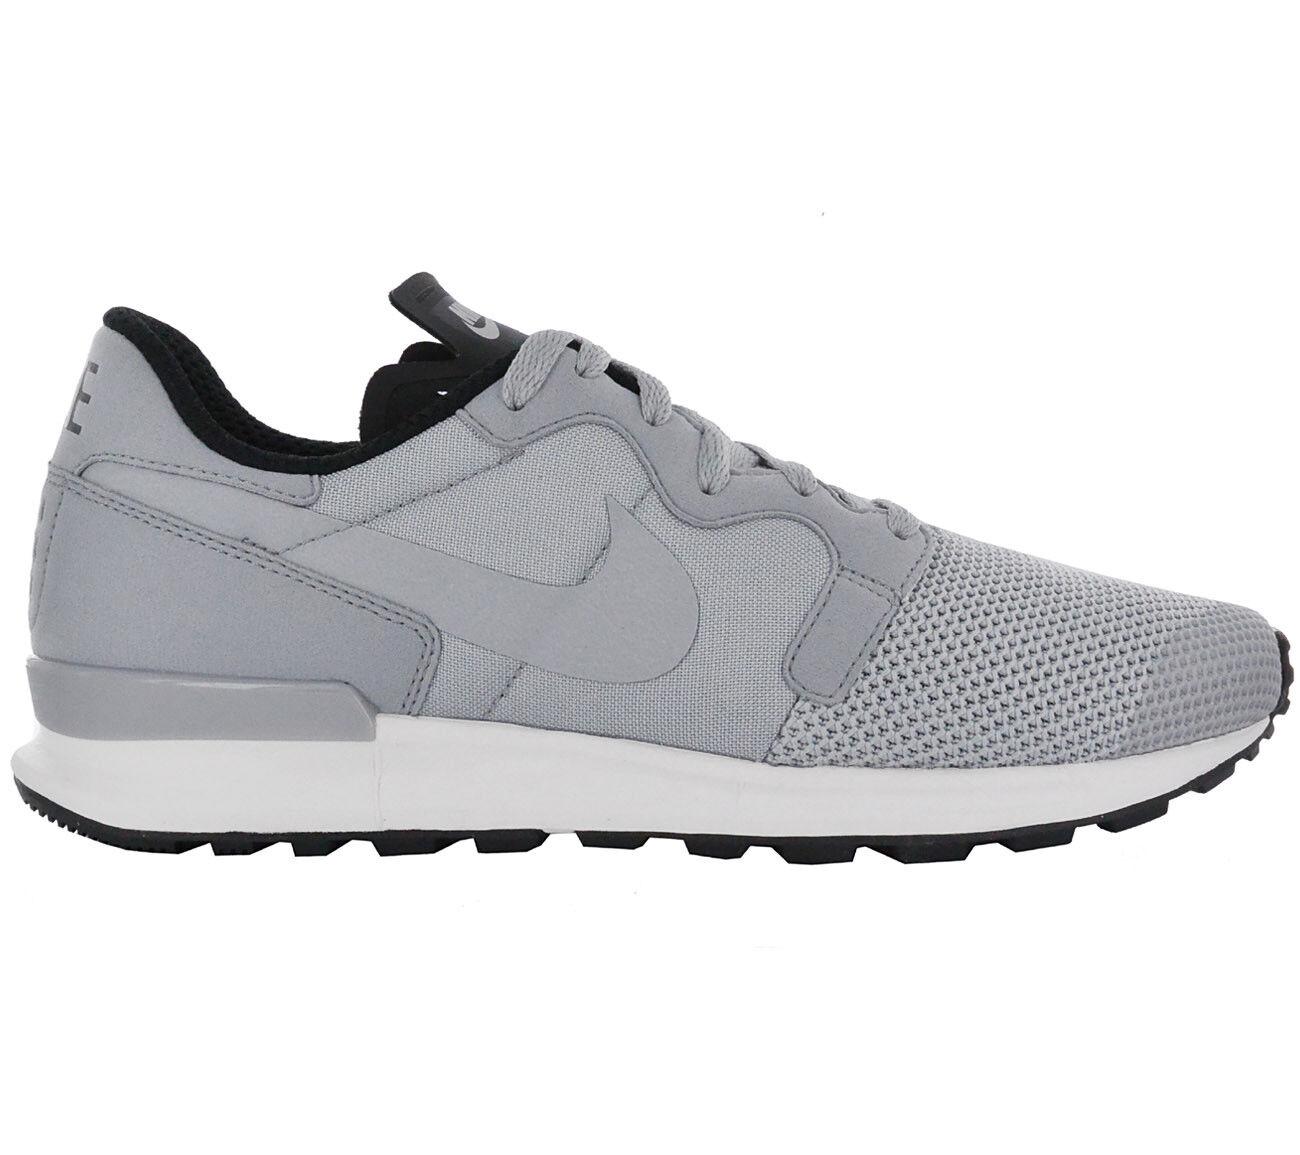 Nike Air Berwuda Premium Sneaker Herren Schuhe Retro Turnschuhe Grau 844978-002